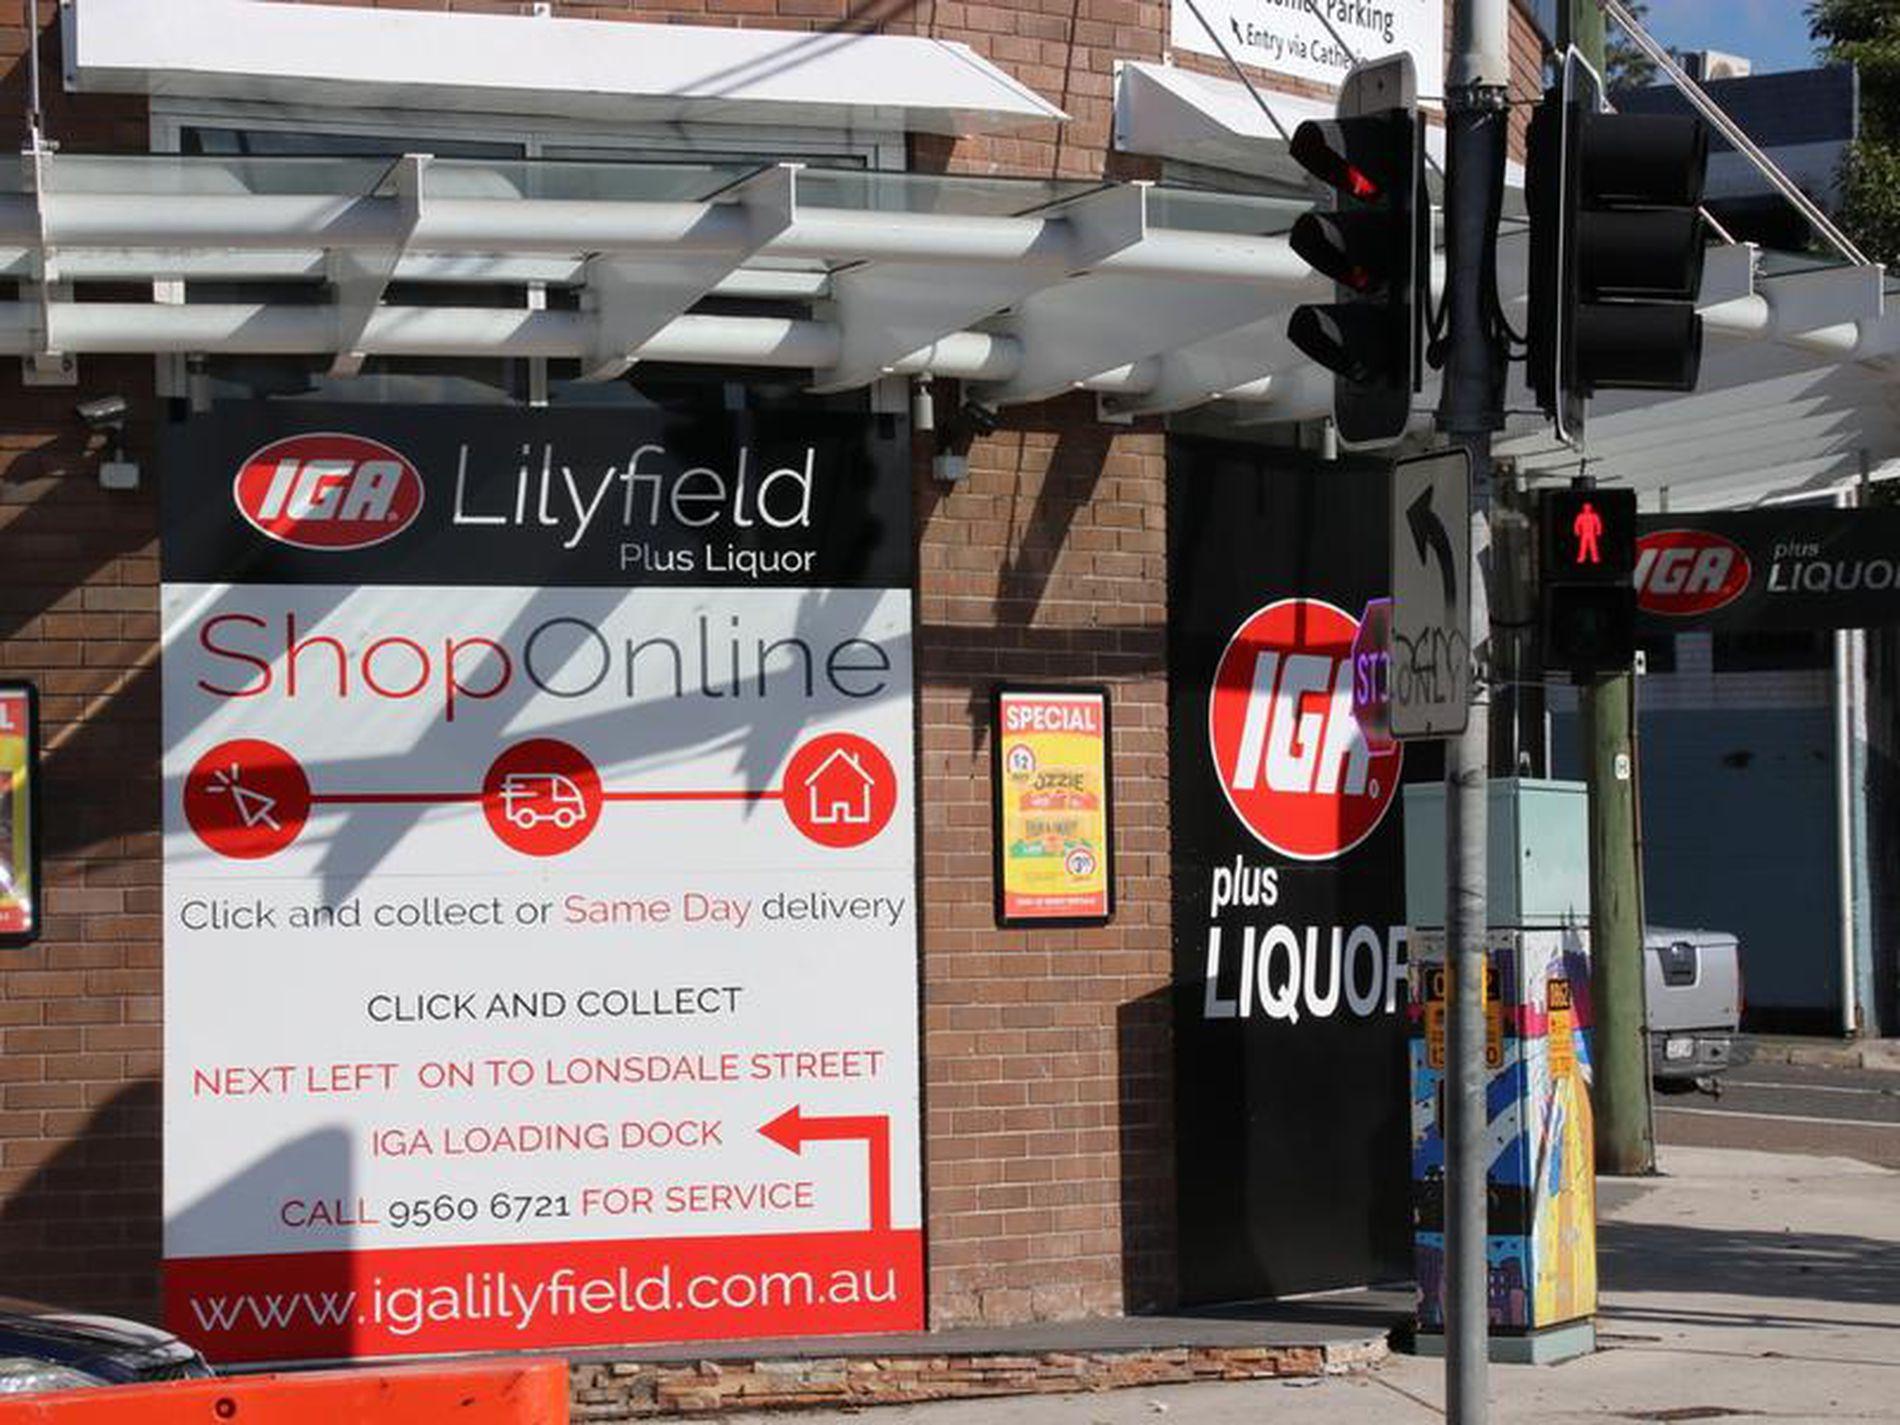 68 Justin Street, Lilyfield